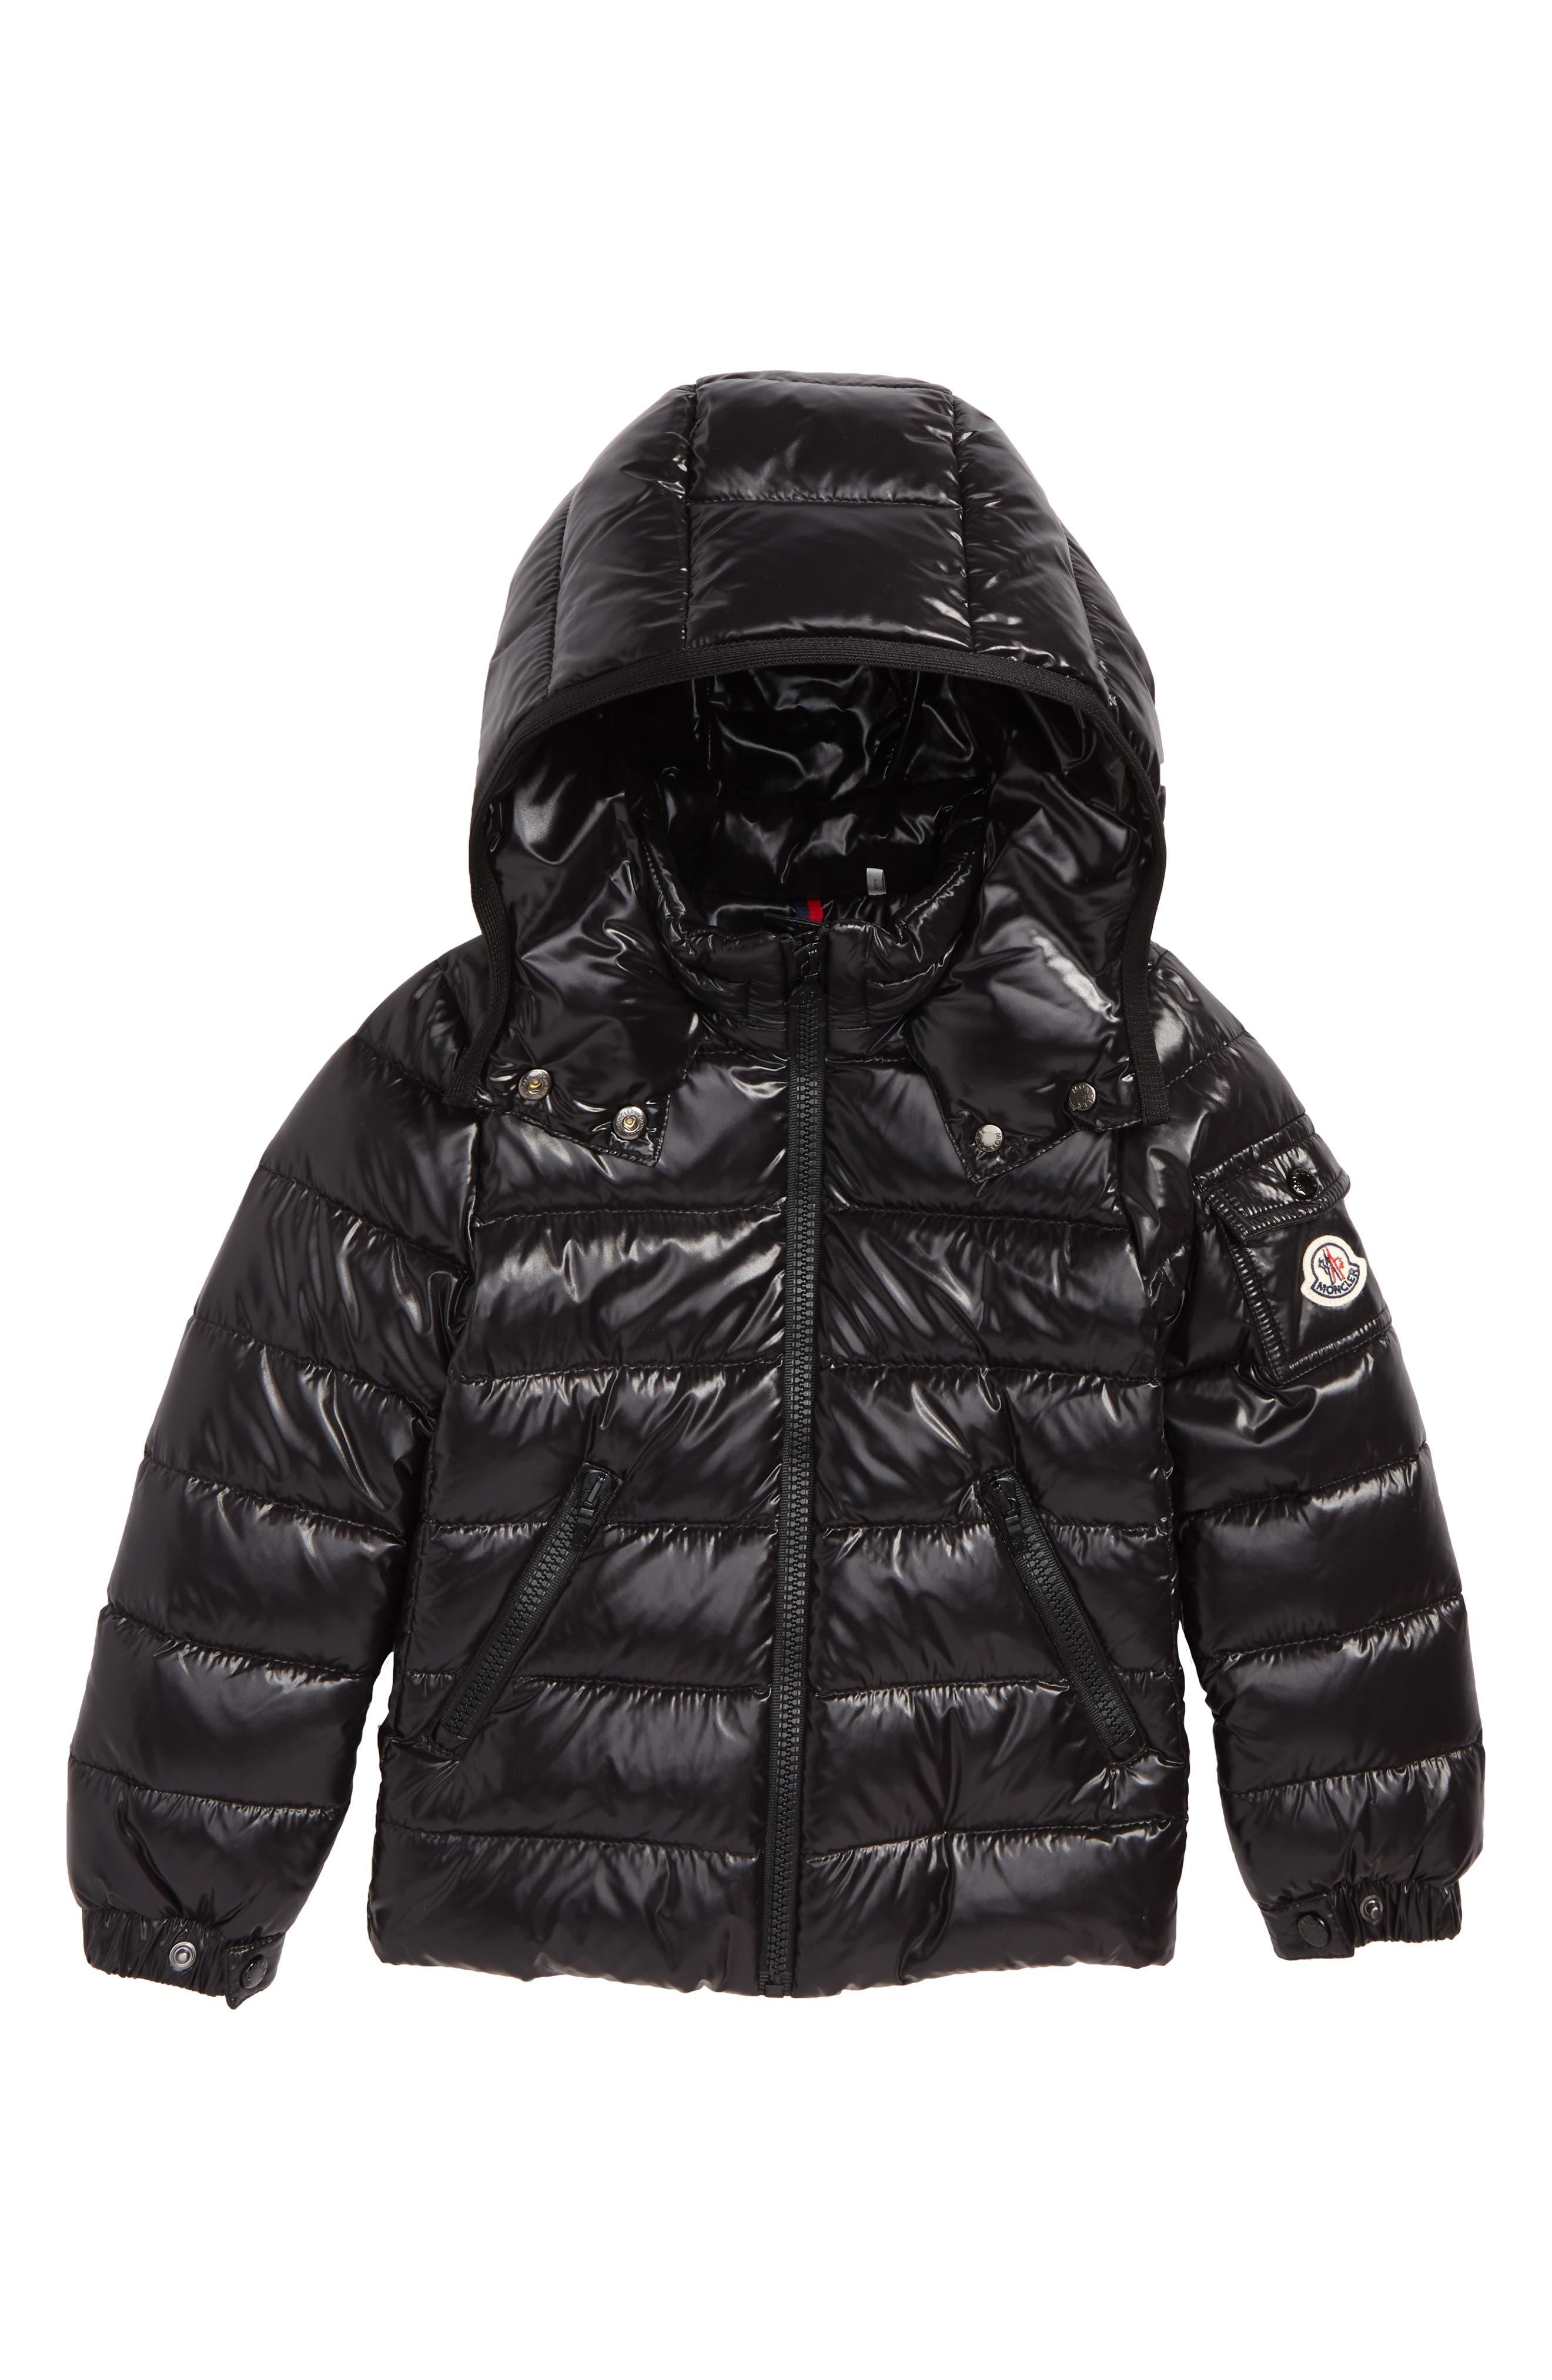 MONCLER, Bady Hooded Down Jacket, Main thumbnail 1, color, BLACK